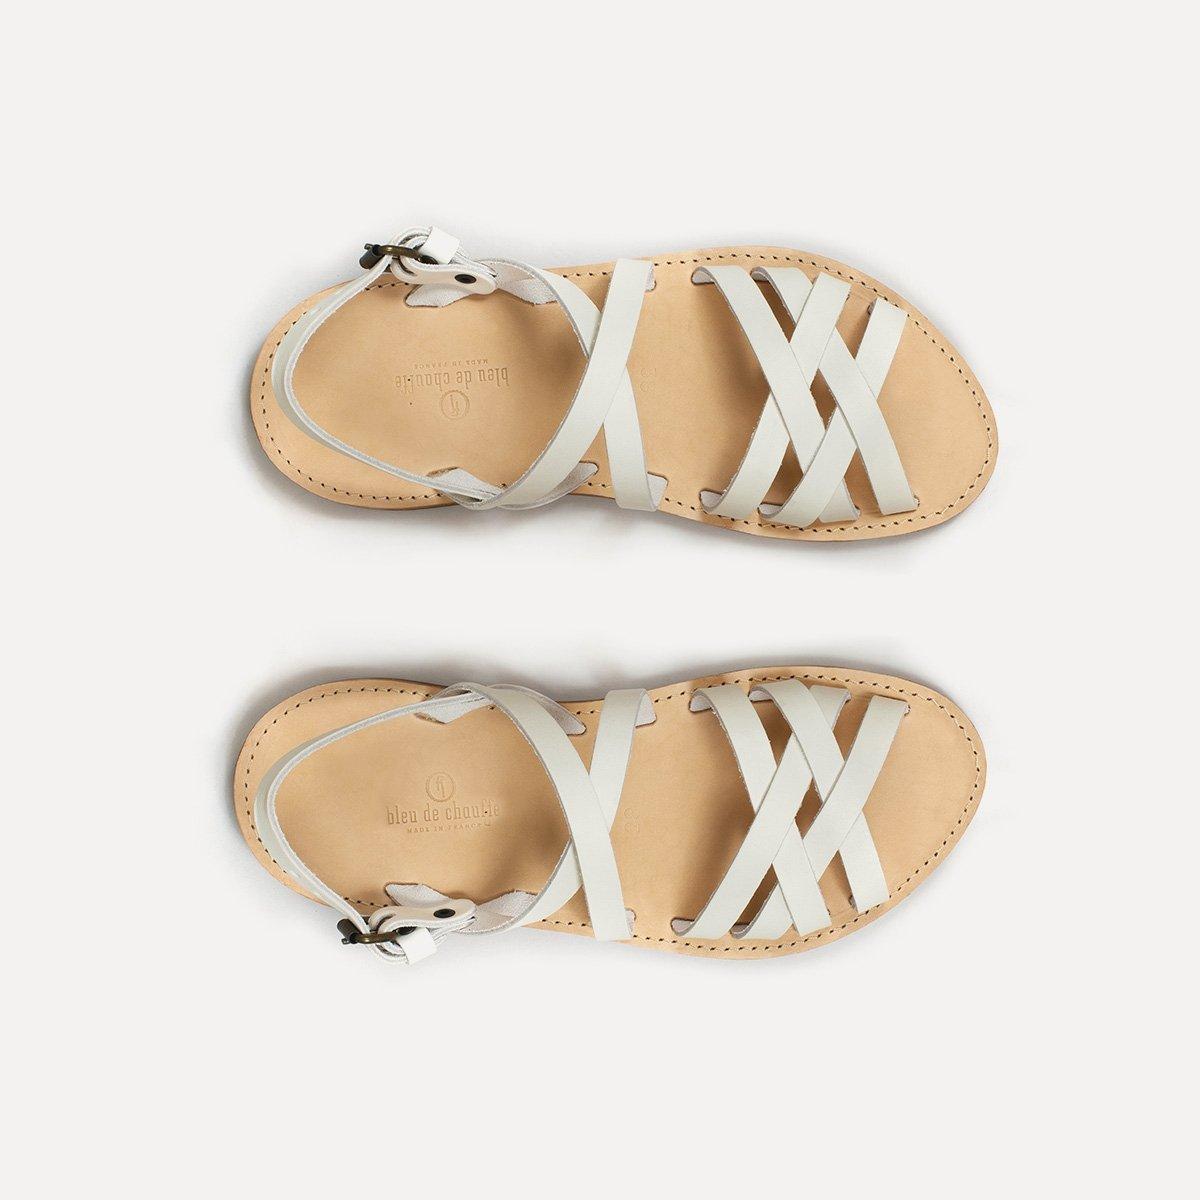 Sandales cuir Majour - Blanc (image n°1)